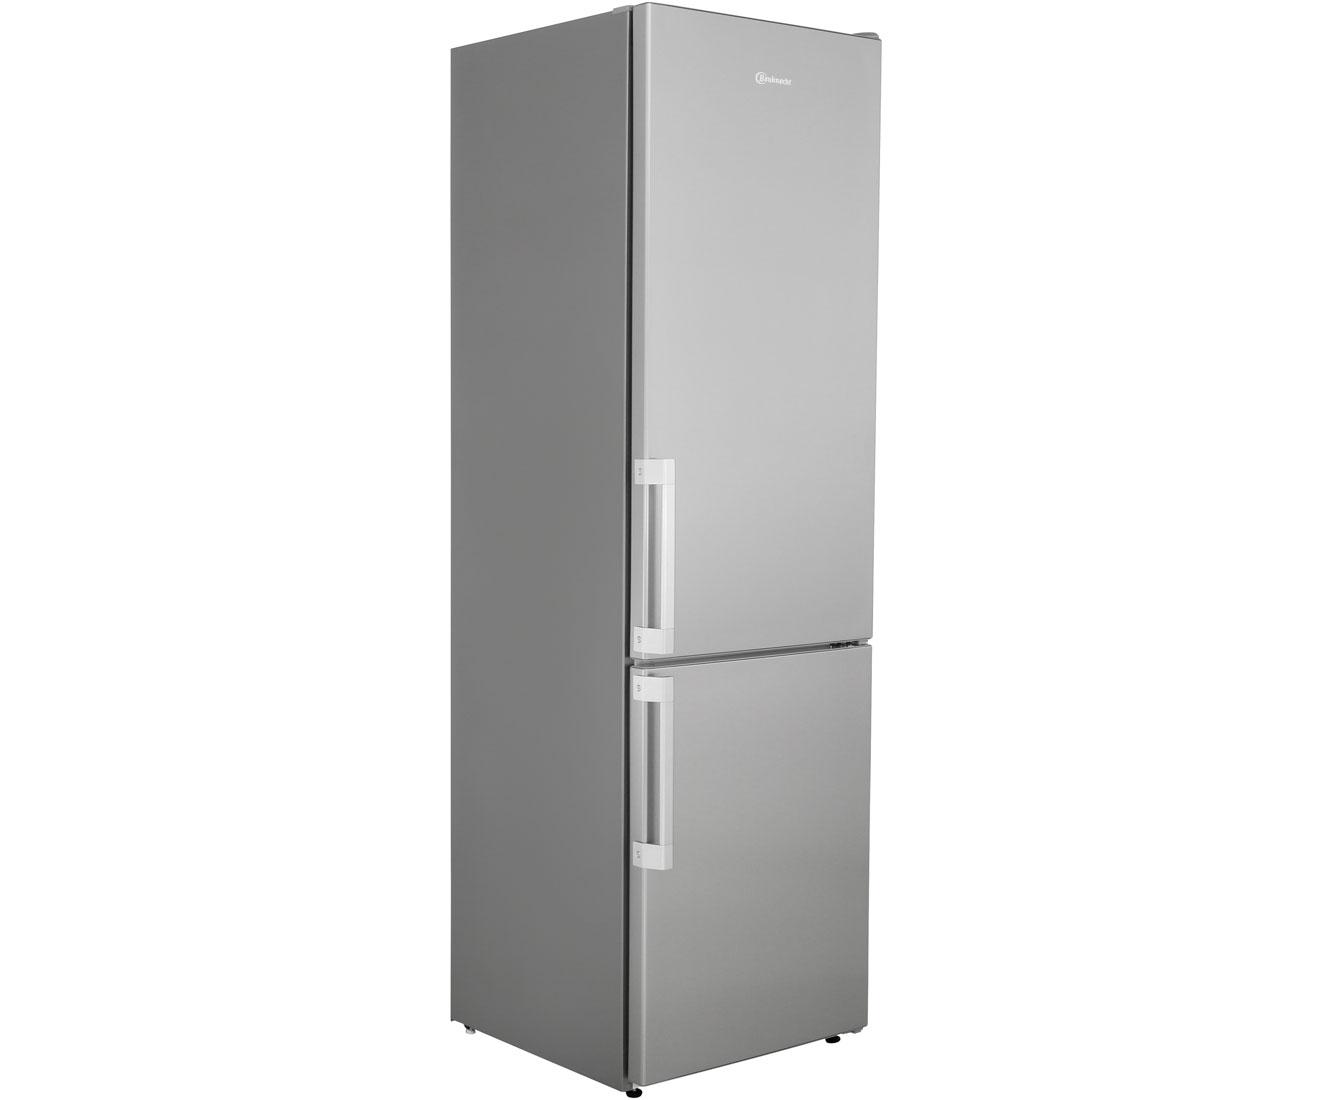 Gorenje R6193lx Kühlschrank : Edelstahl kühlschrank preisvergleich u2022 die besten angebote online kaufen